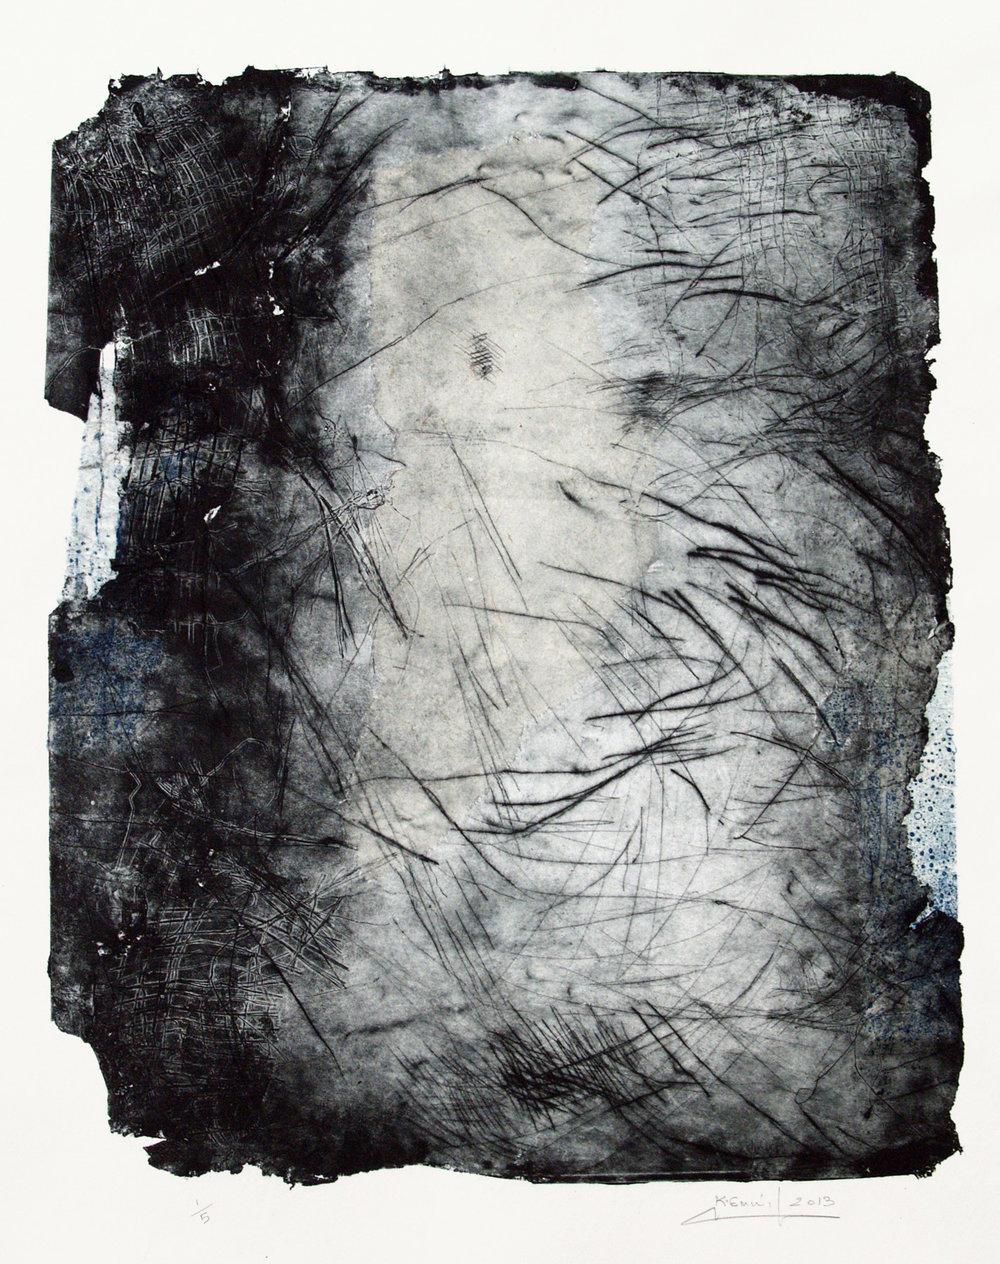 Harmonie intérieure , 2014 Pointe sèche carborundum et papier chine collé, 60x80 cm